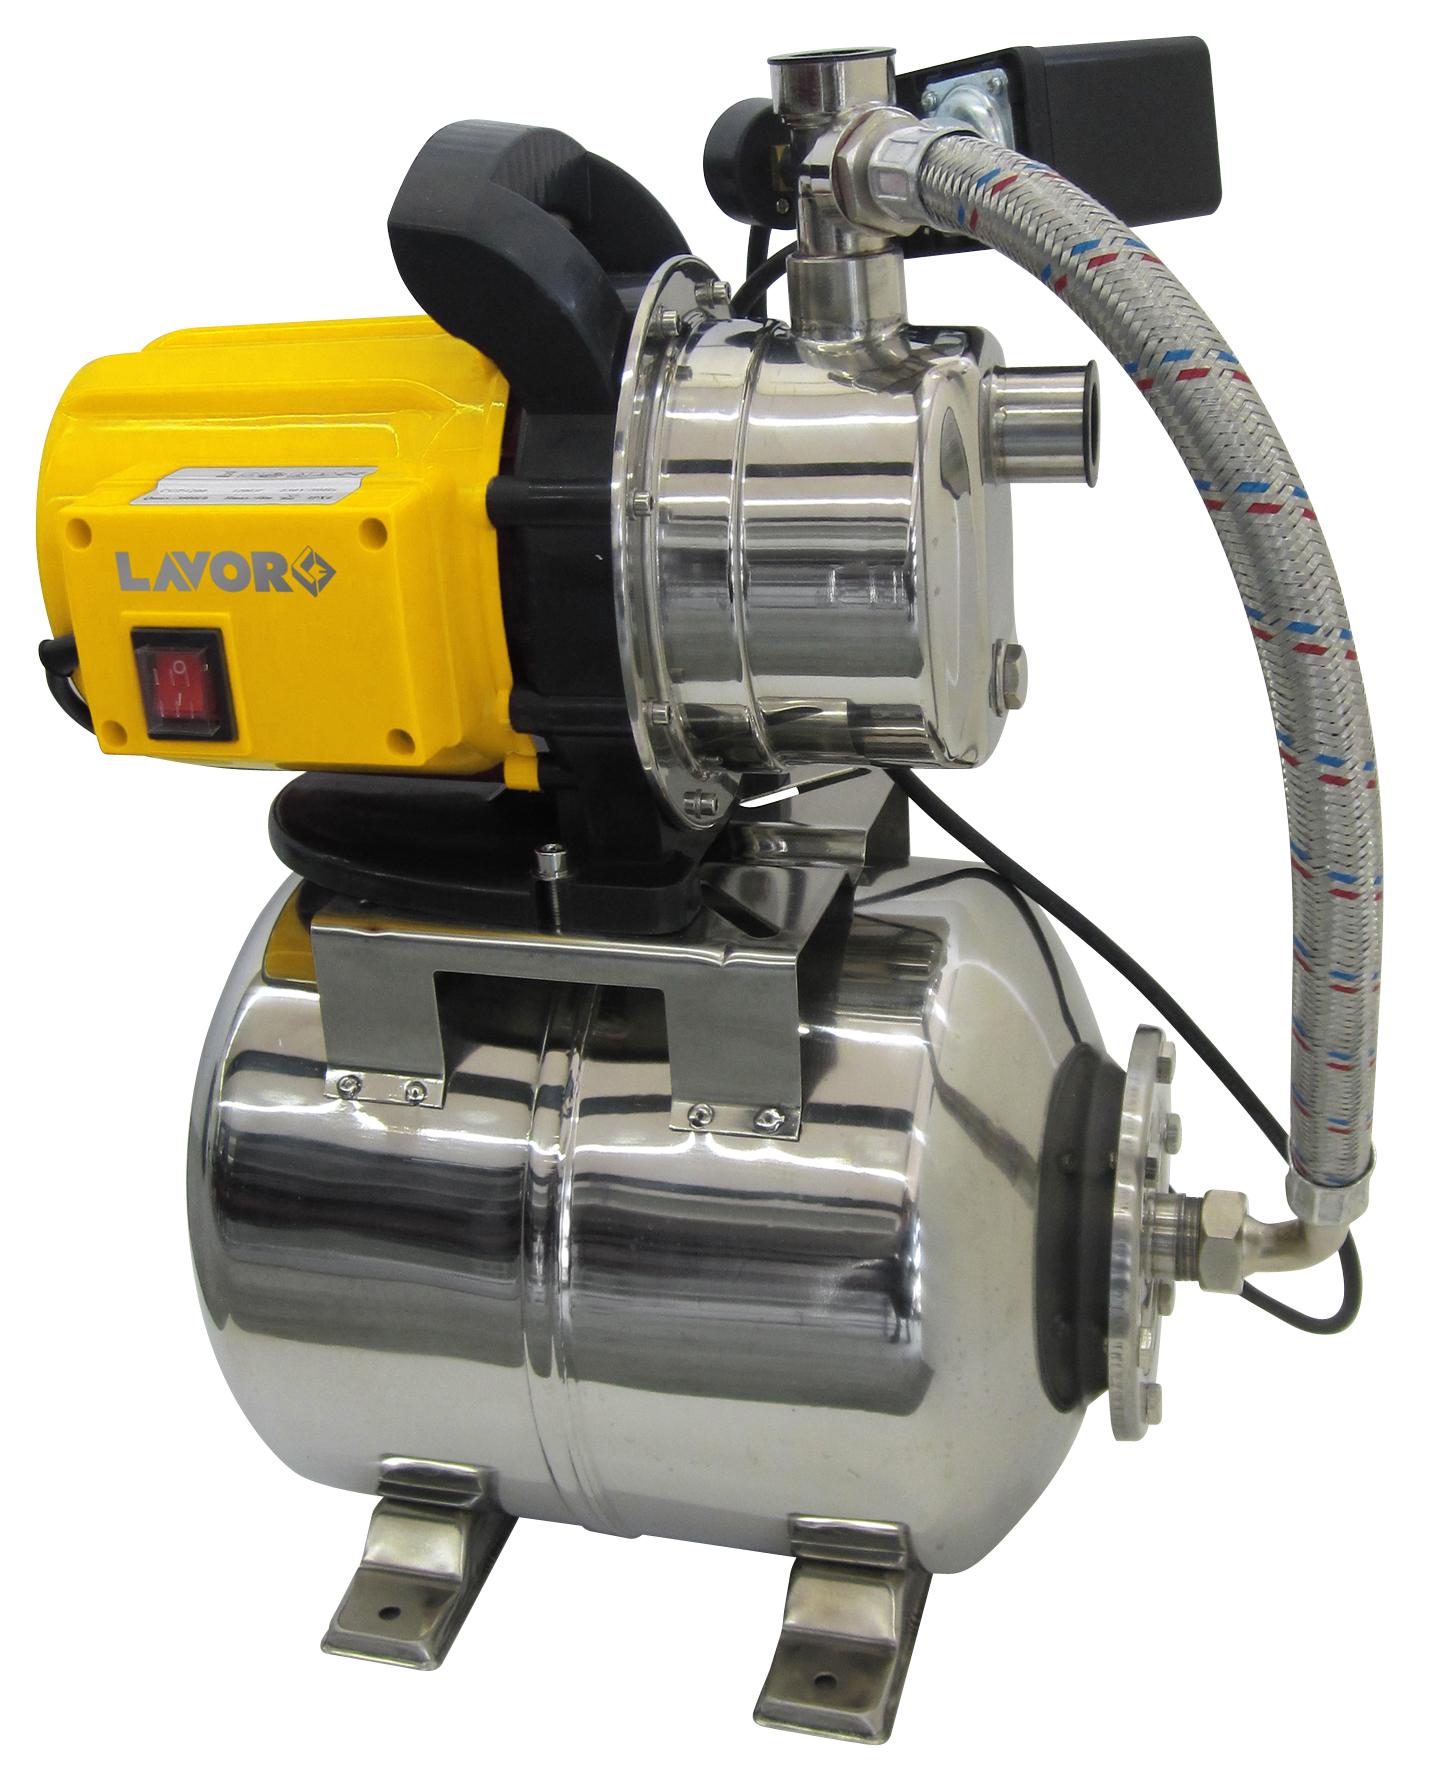 LAVOR Hauswasserwerk Wasserautomat Wasserpumpe Pumpe Inox EG-MS 3800